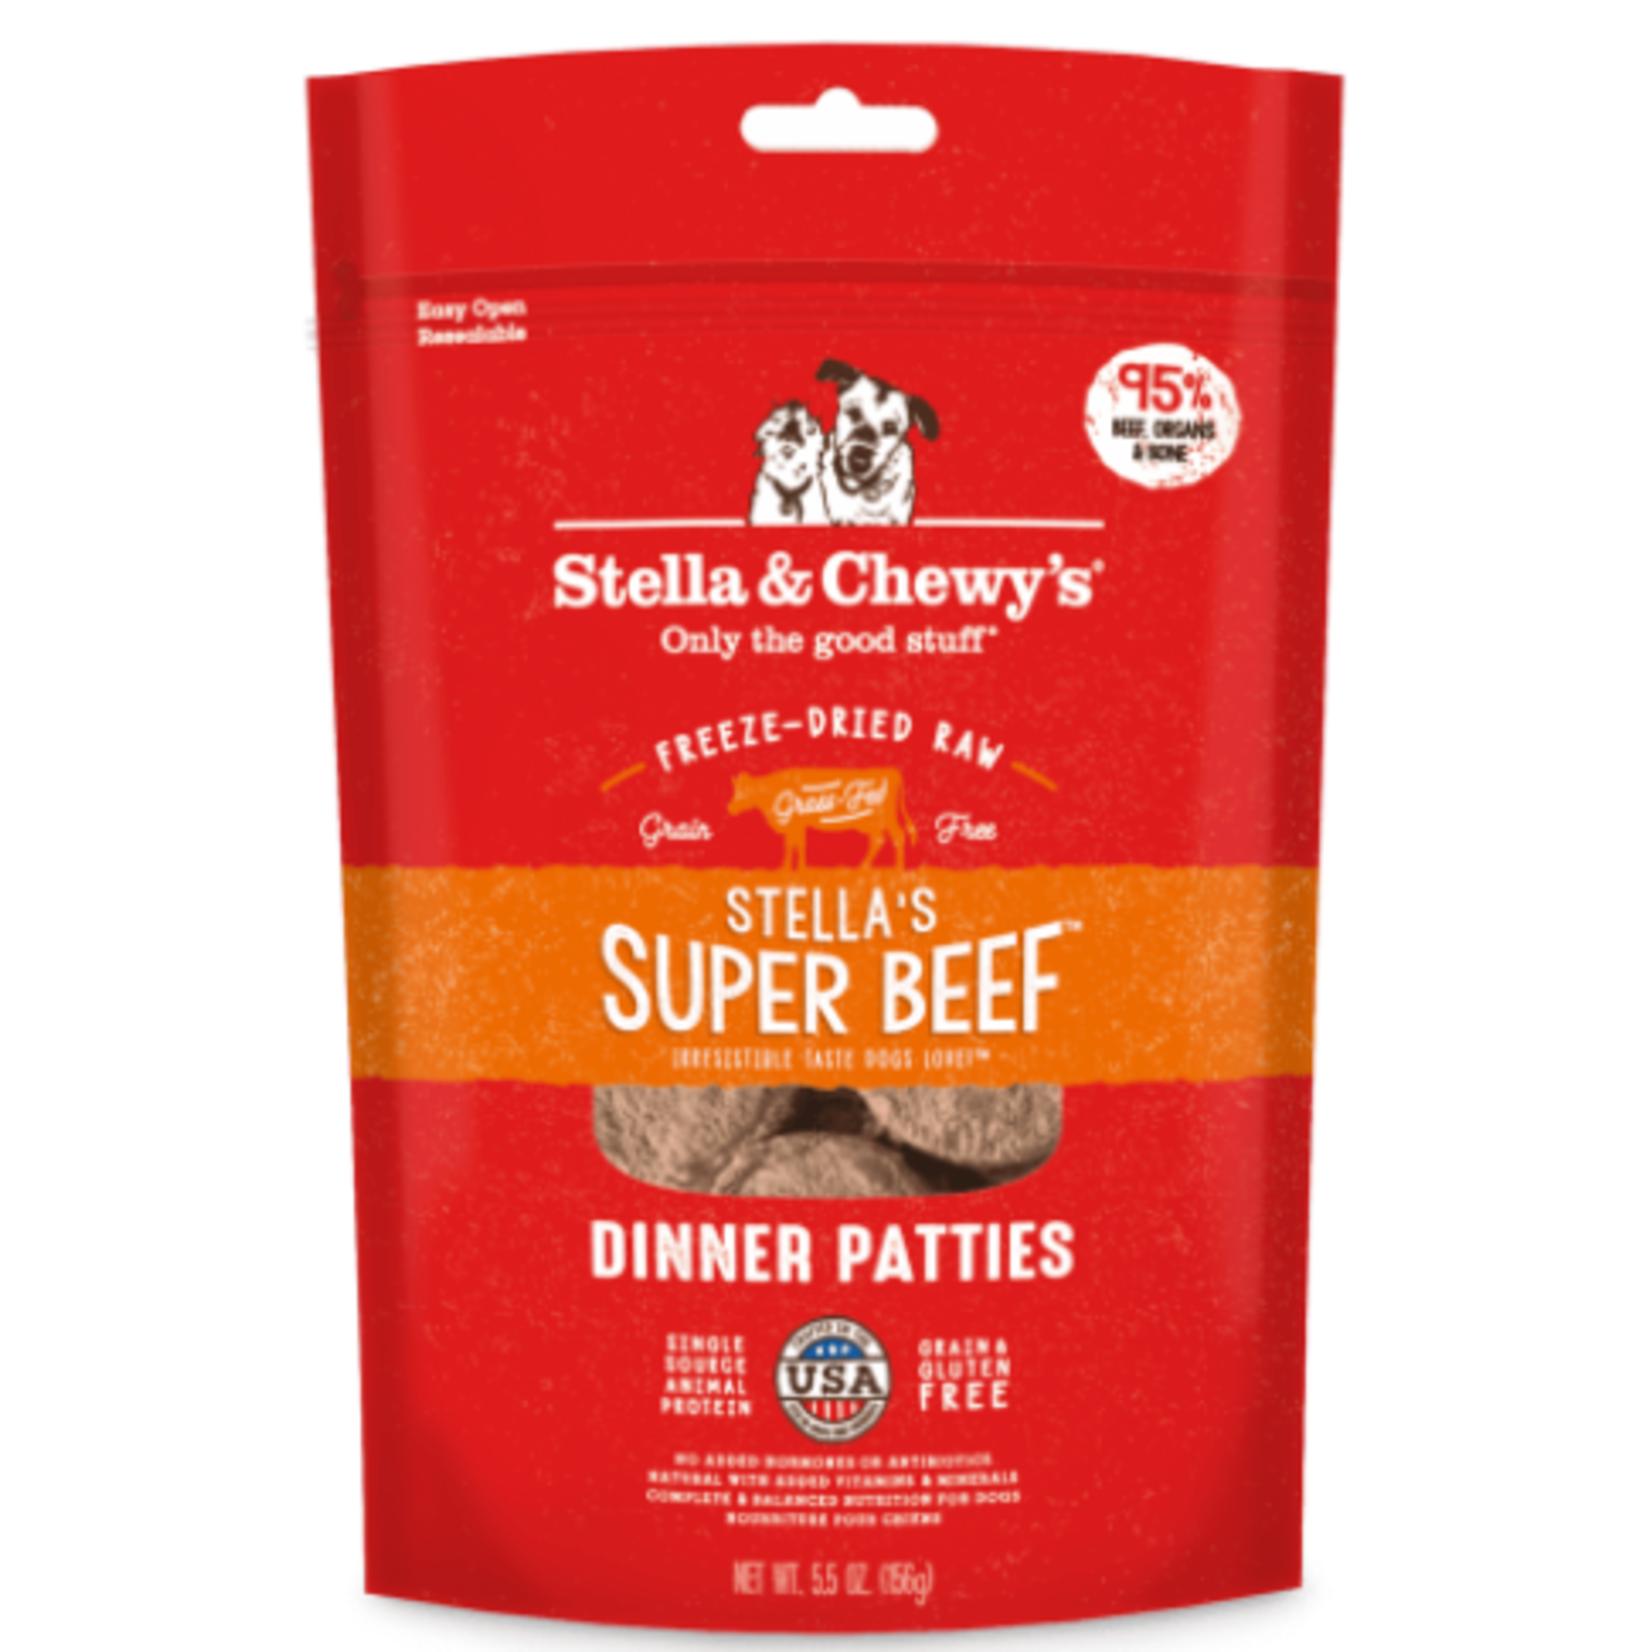 Stella & Chewy s Cru séché à froid - Galettes de dîner au Boeuf - 5.5 oz